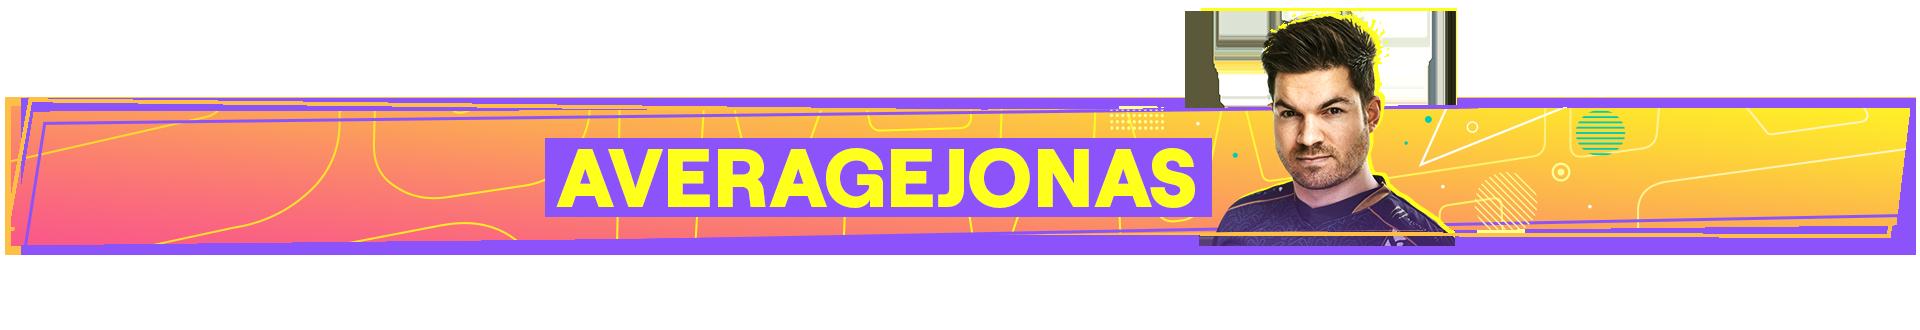 TR_SR_Capt_Support_Image_1080px_AverageJonas.png